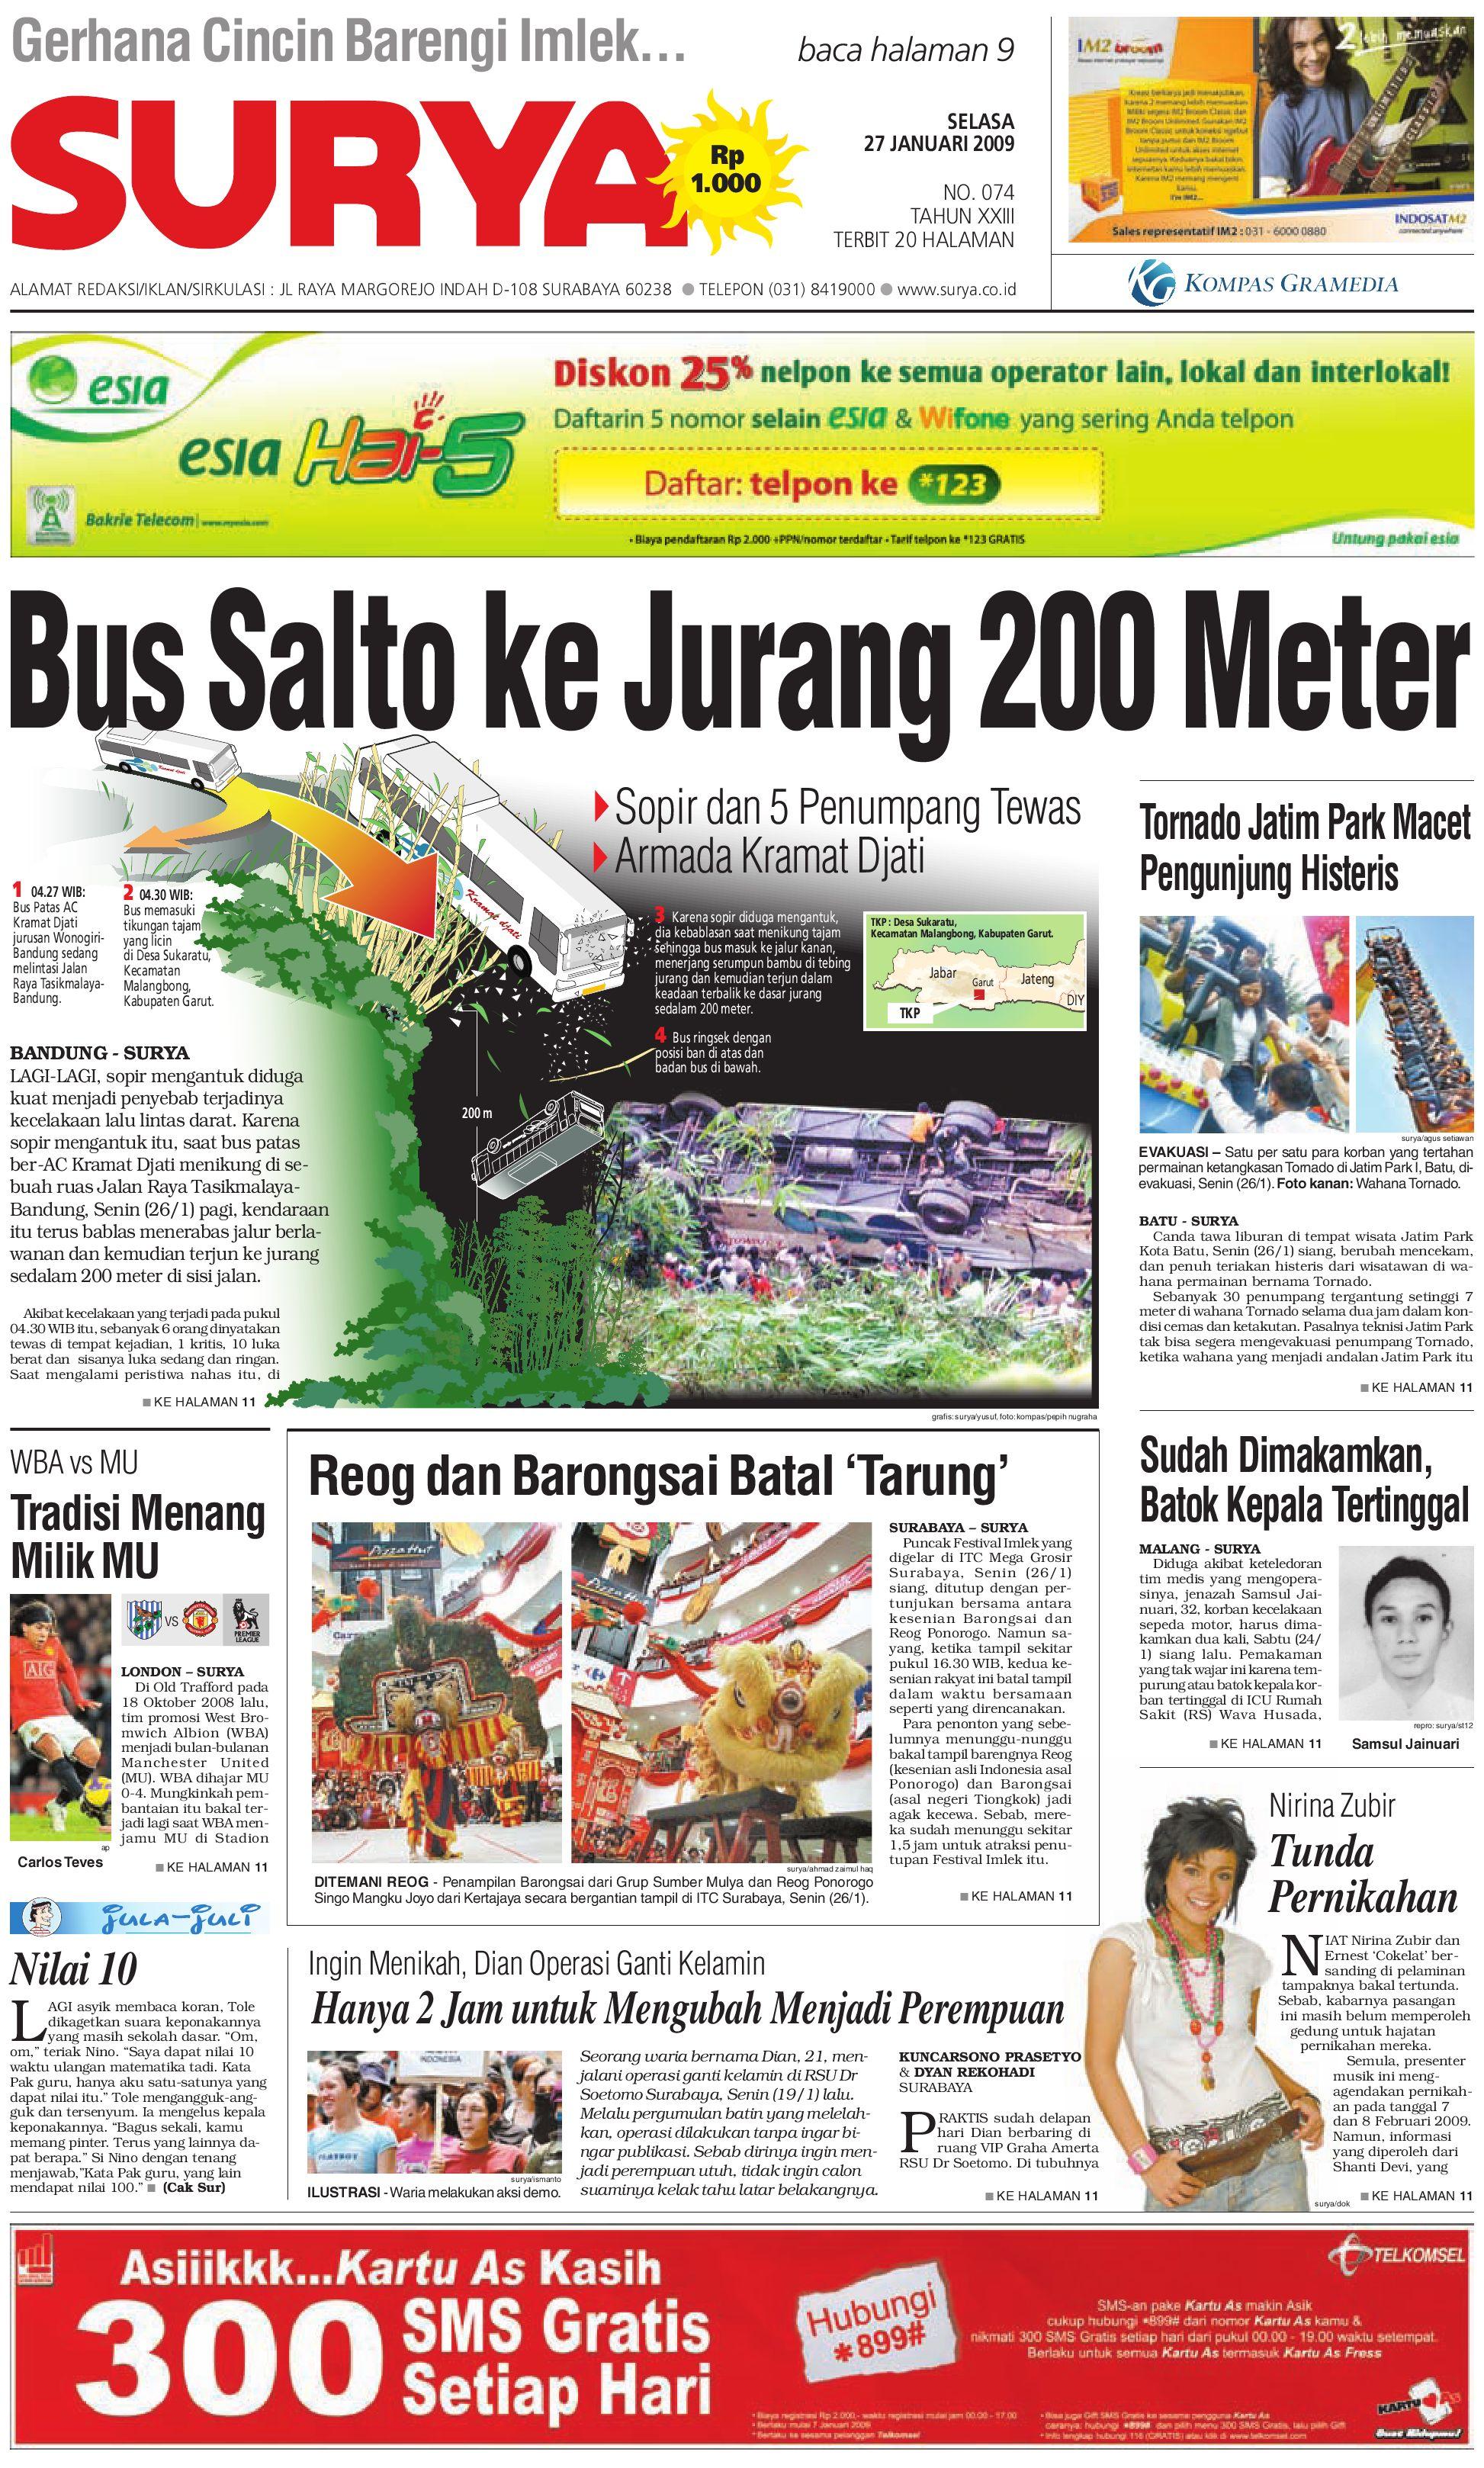 Surya Edisi Cetak 27 01 2009 By Harian Issuu Rejeki Anak Soleh 3 Agip 4t Super 1l